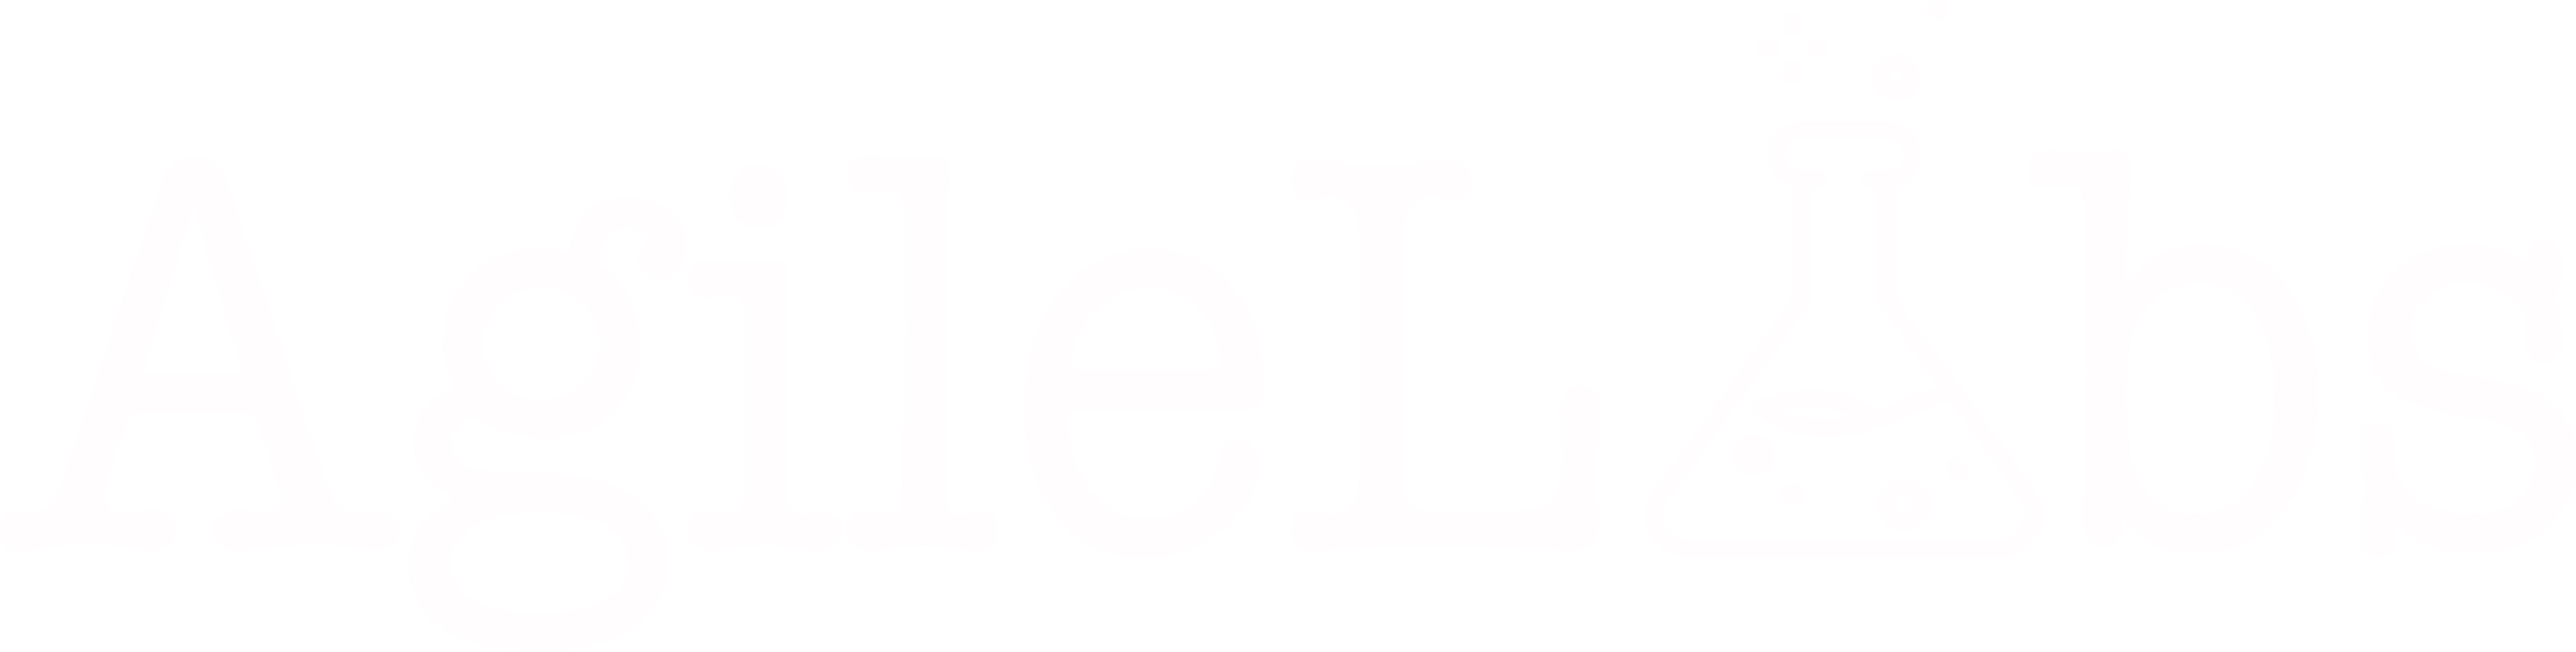 AgileLabs